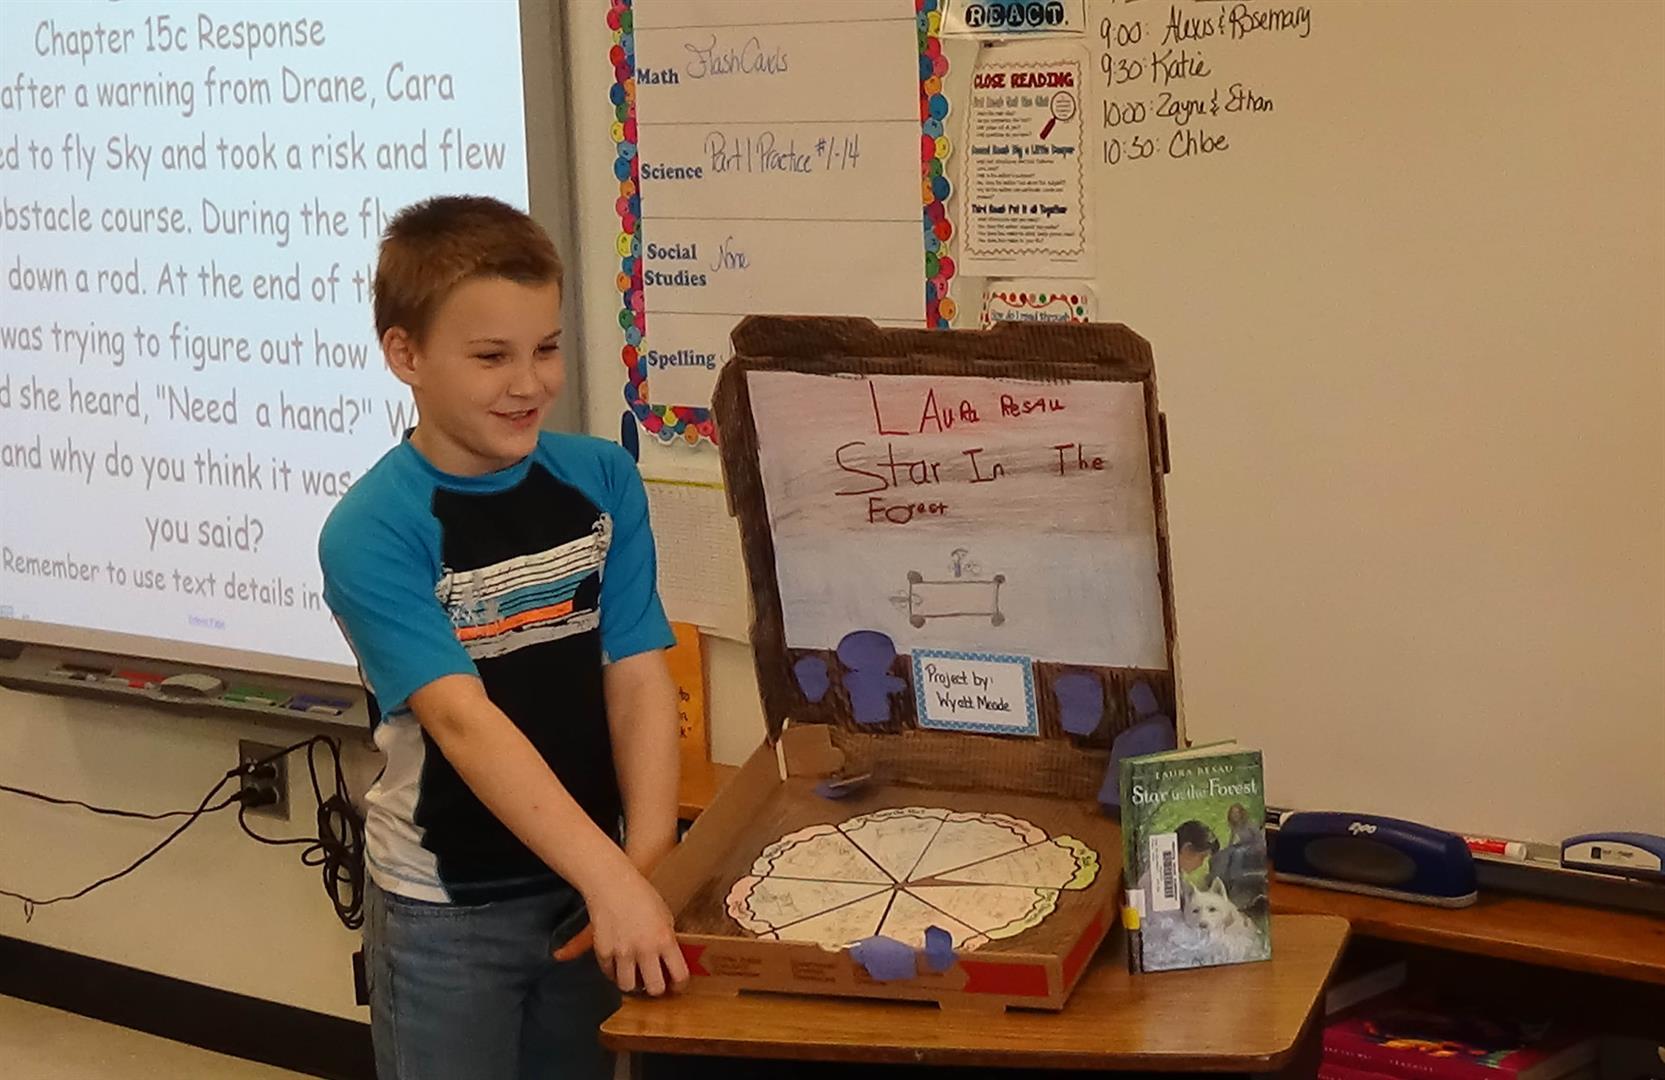 a student presents a book report